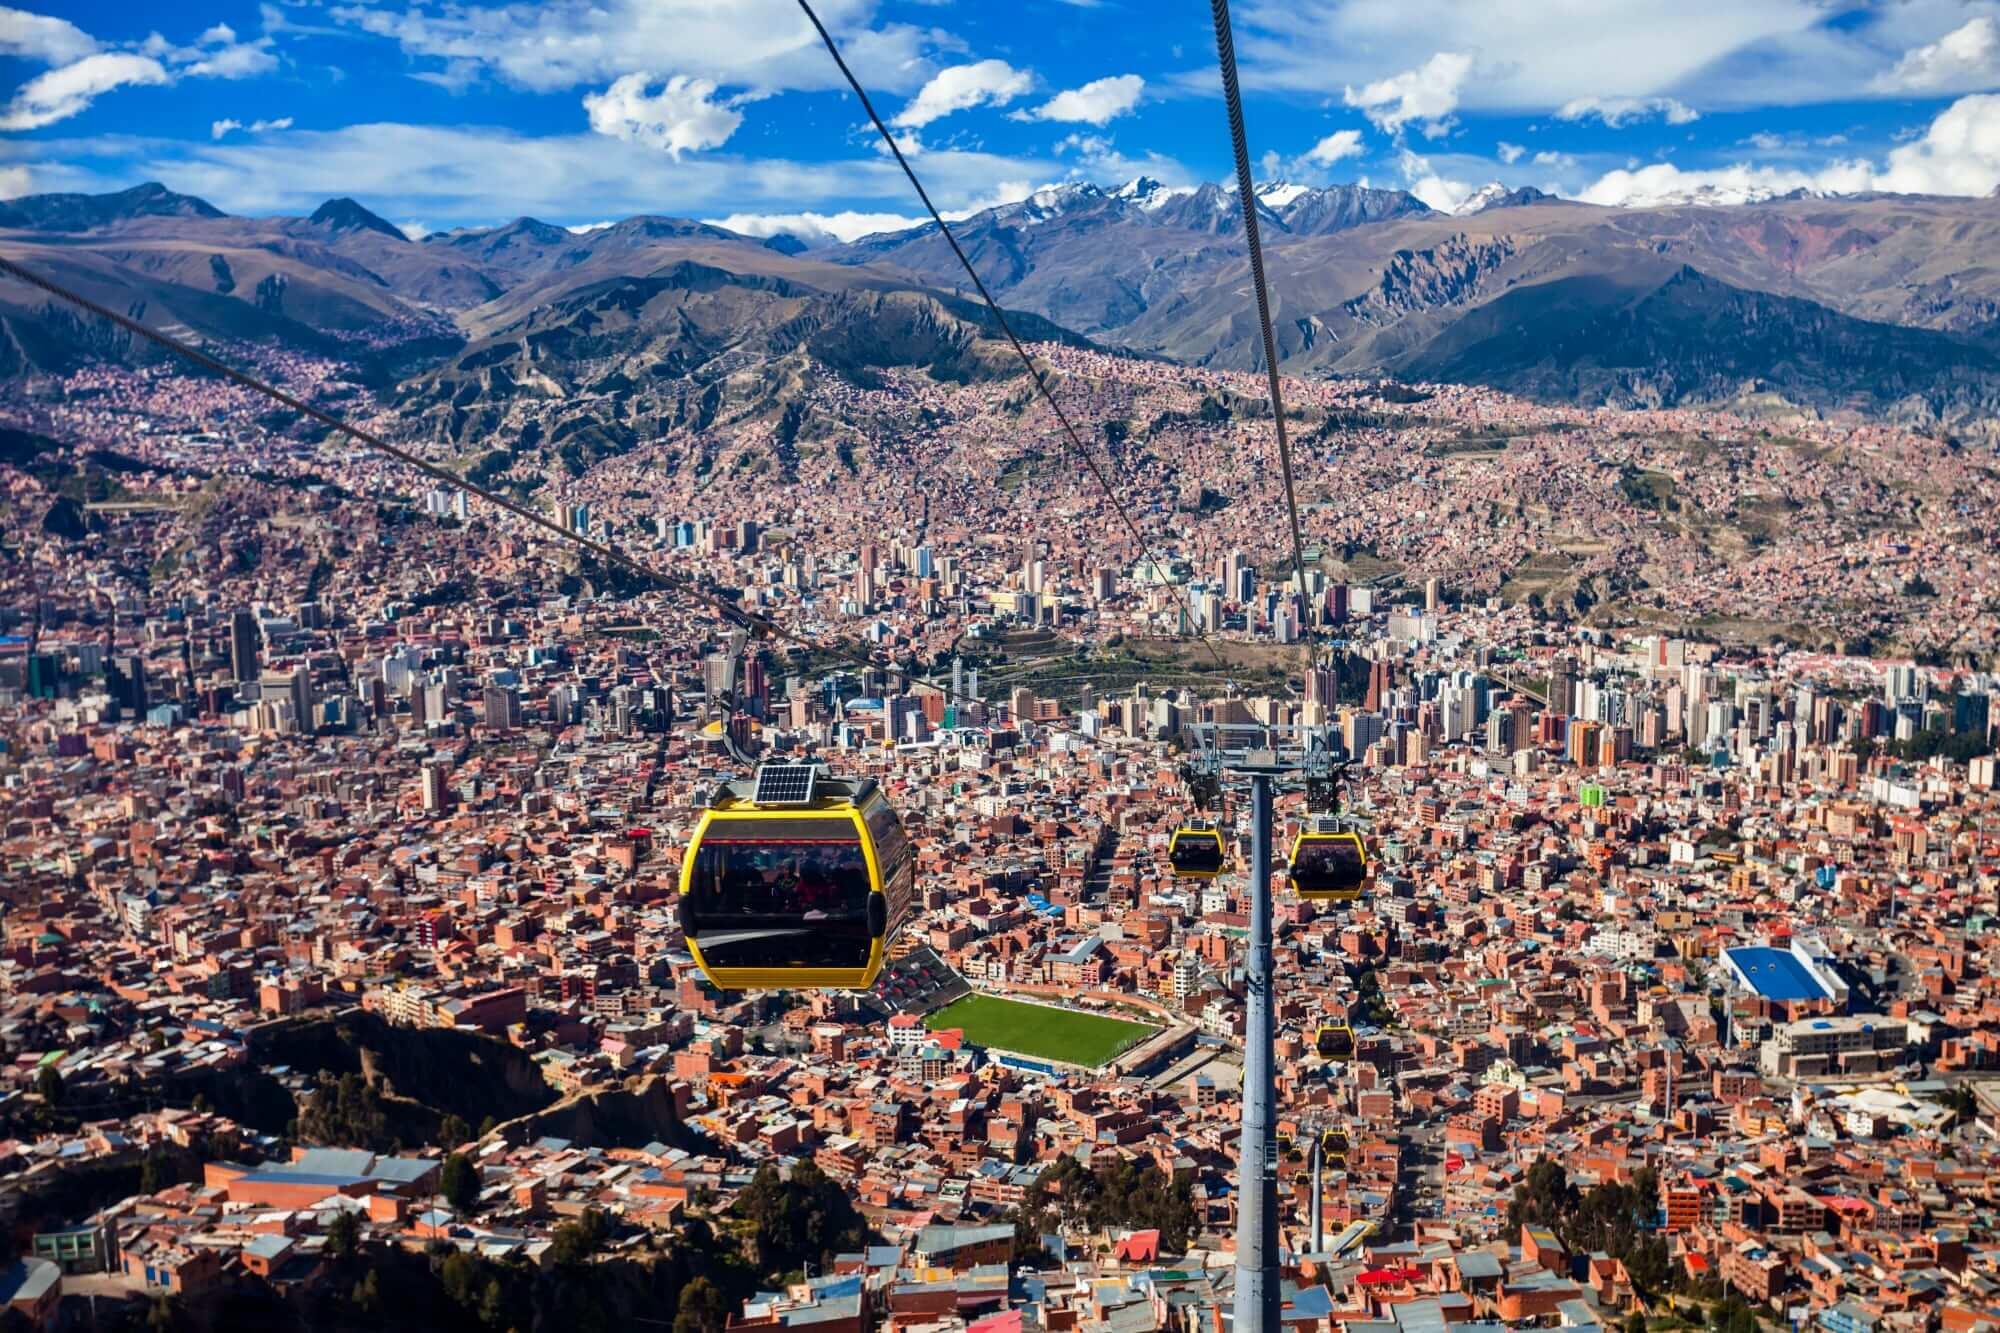 Teleferico in la Paz, Bolivia